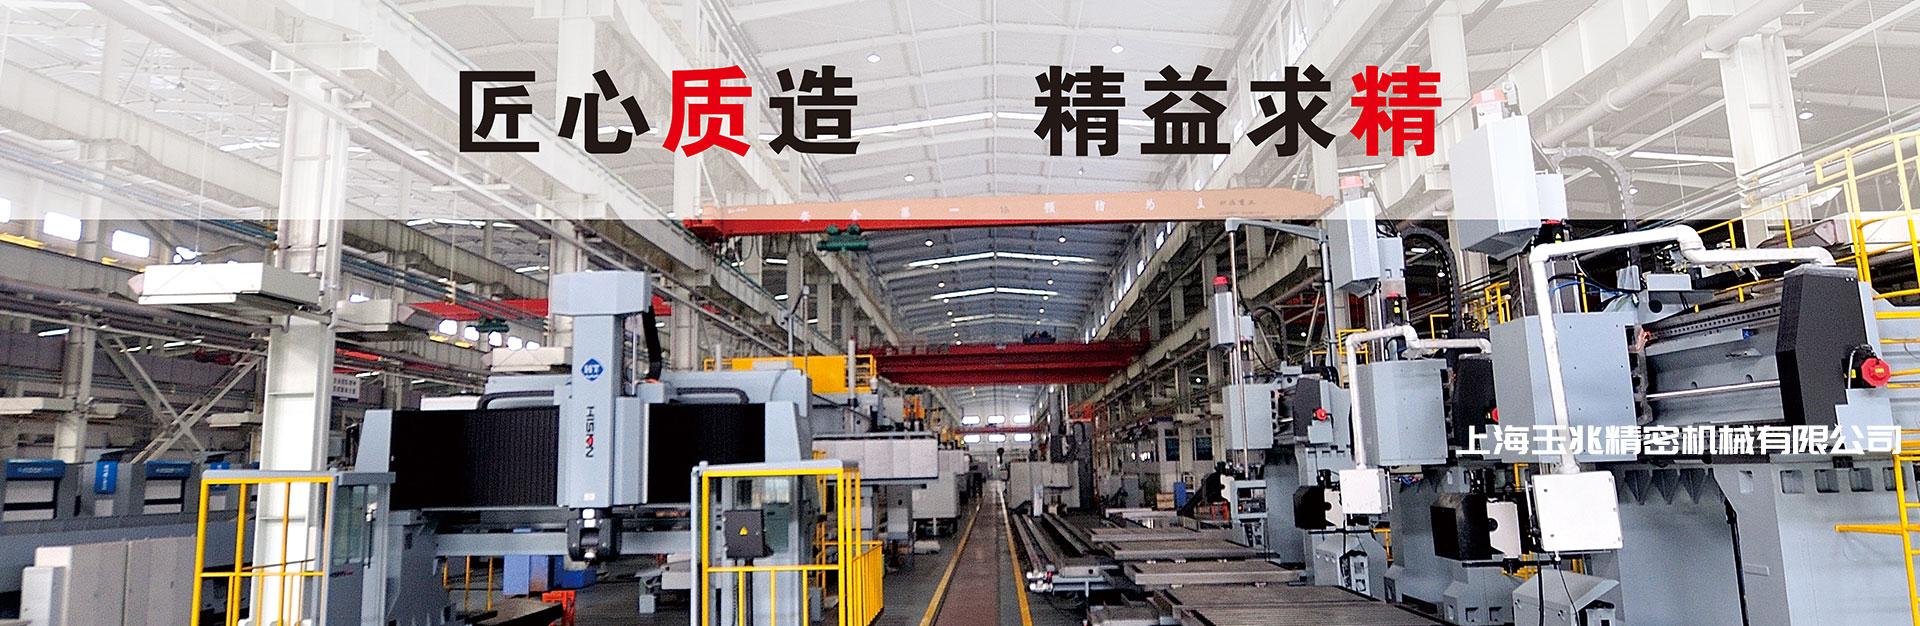 上海AG亚洲集团网址精密机械有限公司